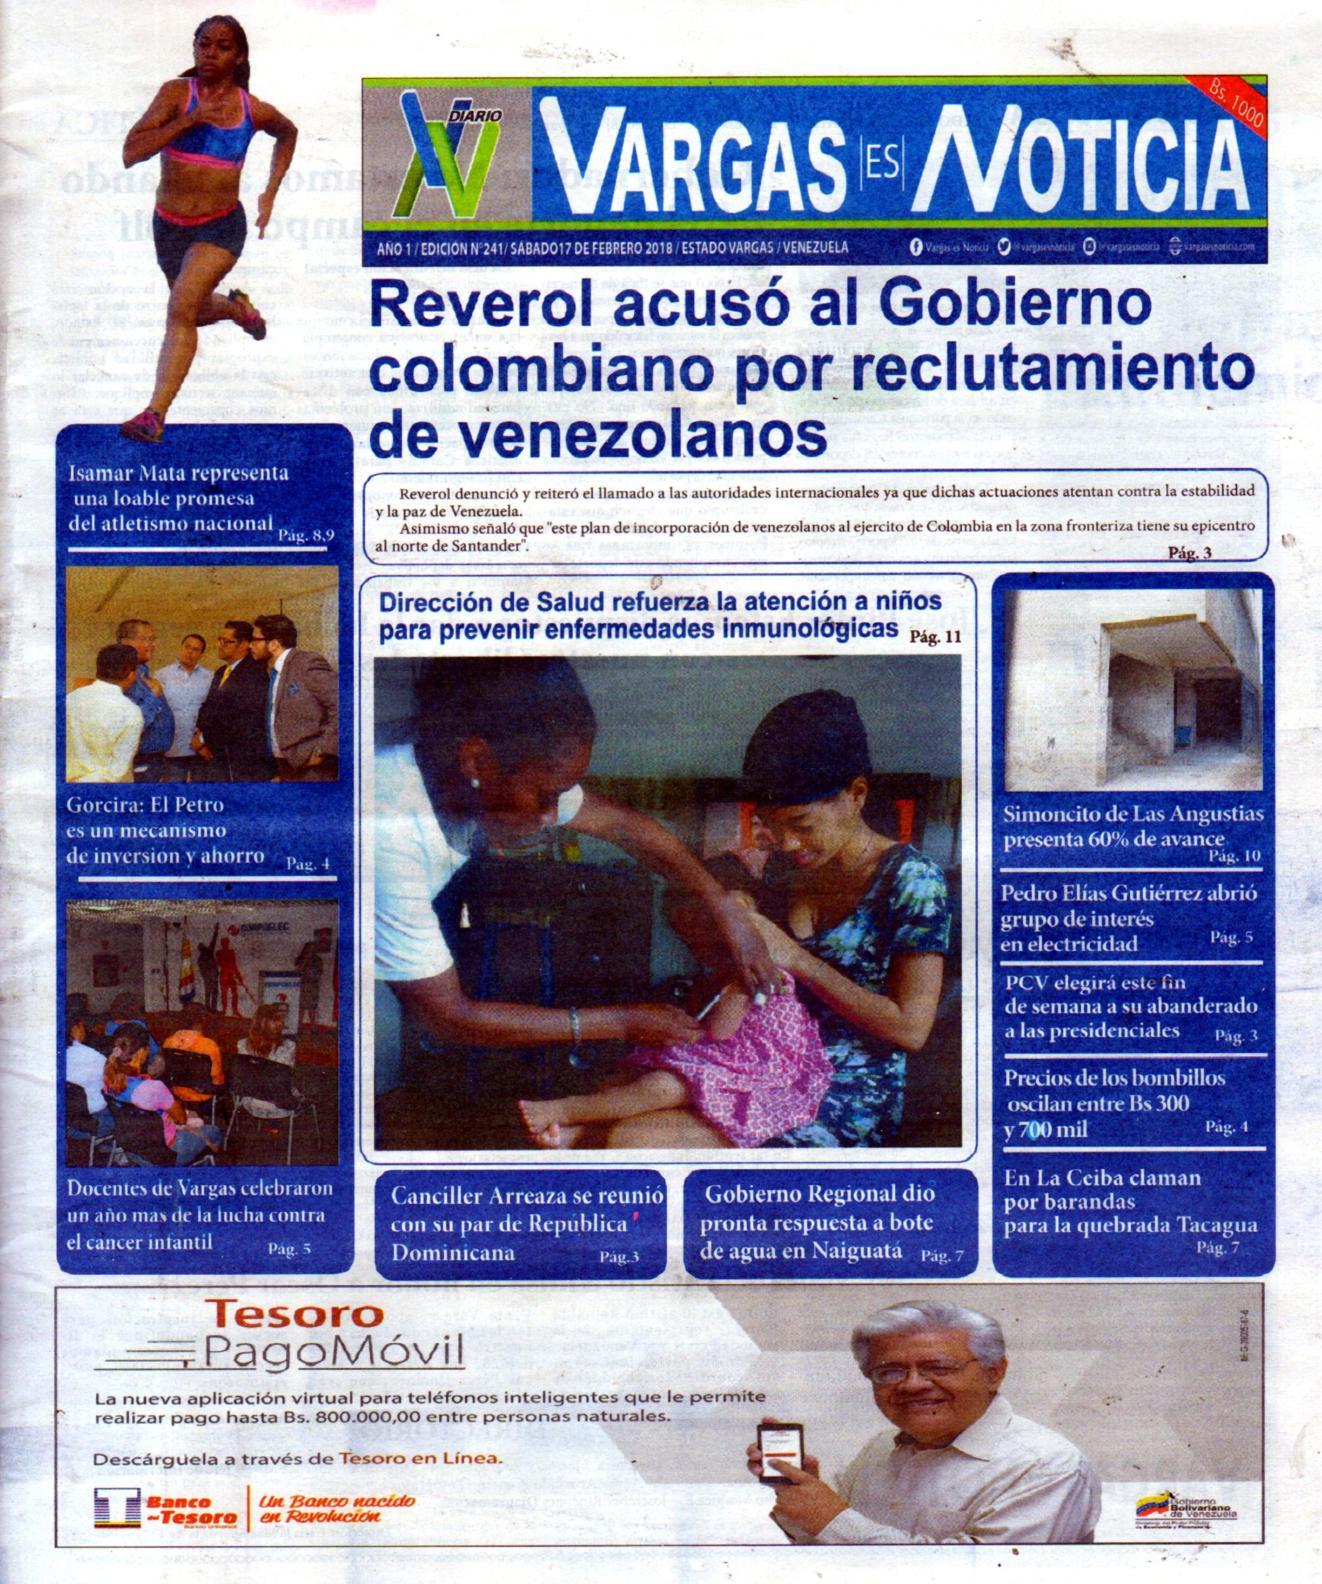 Vargas es Noticia, sábado 17  de febrero de 2018 N° 241